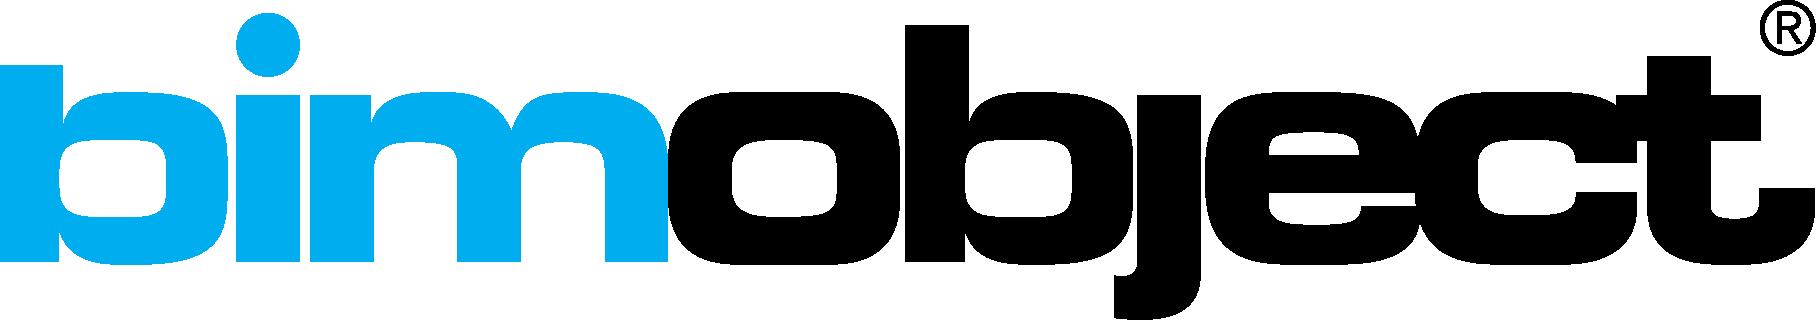 BIMobject_R_logotyp.png